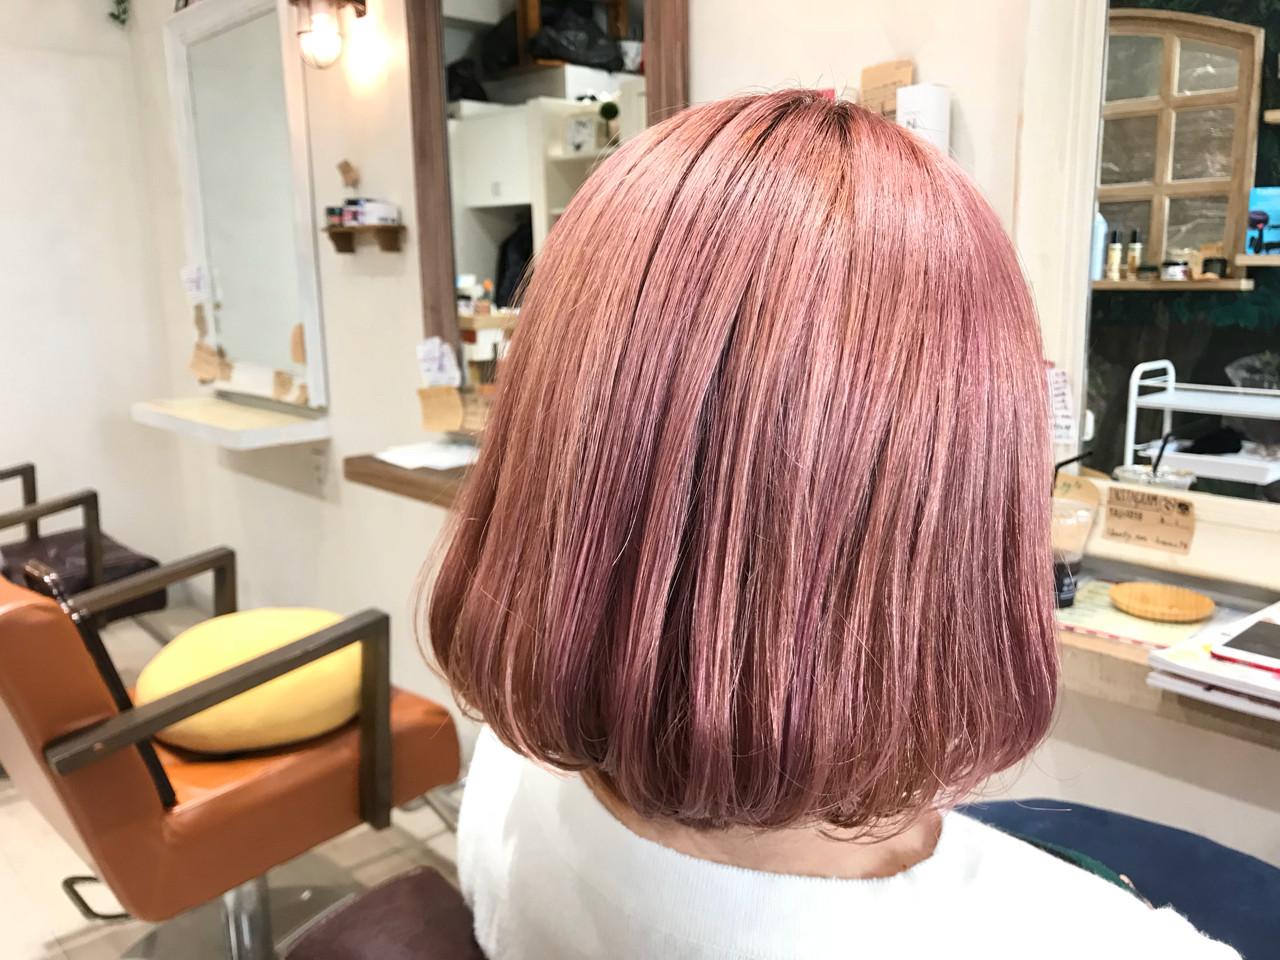 ストリート ピンク ダブルカラー ボブ ヘアスタイルや髪型の写真・画像   田島 史也 Liberty 福岡 天神 / Liberty